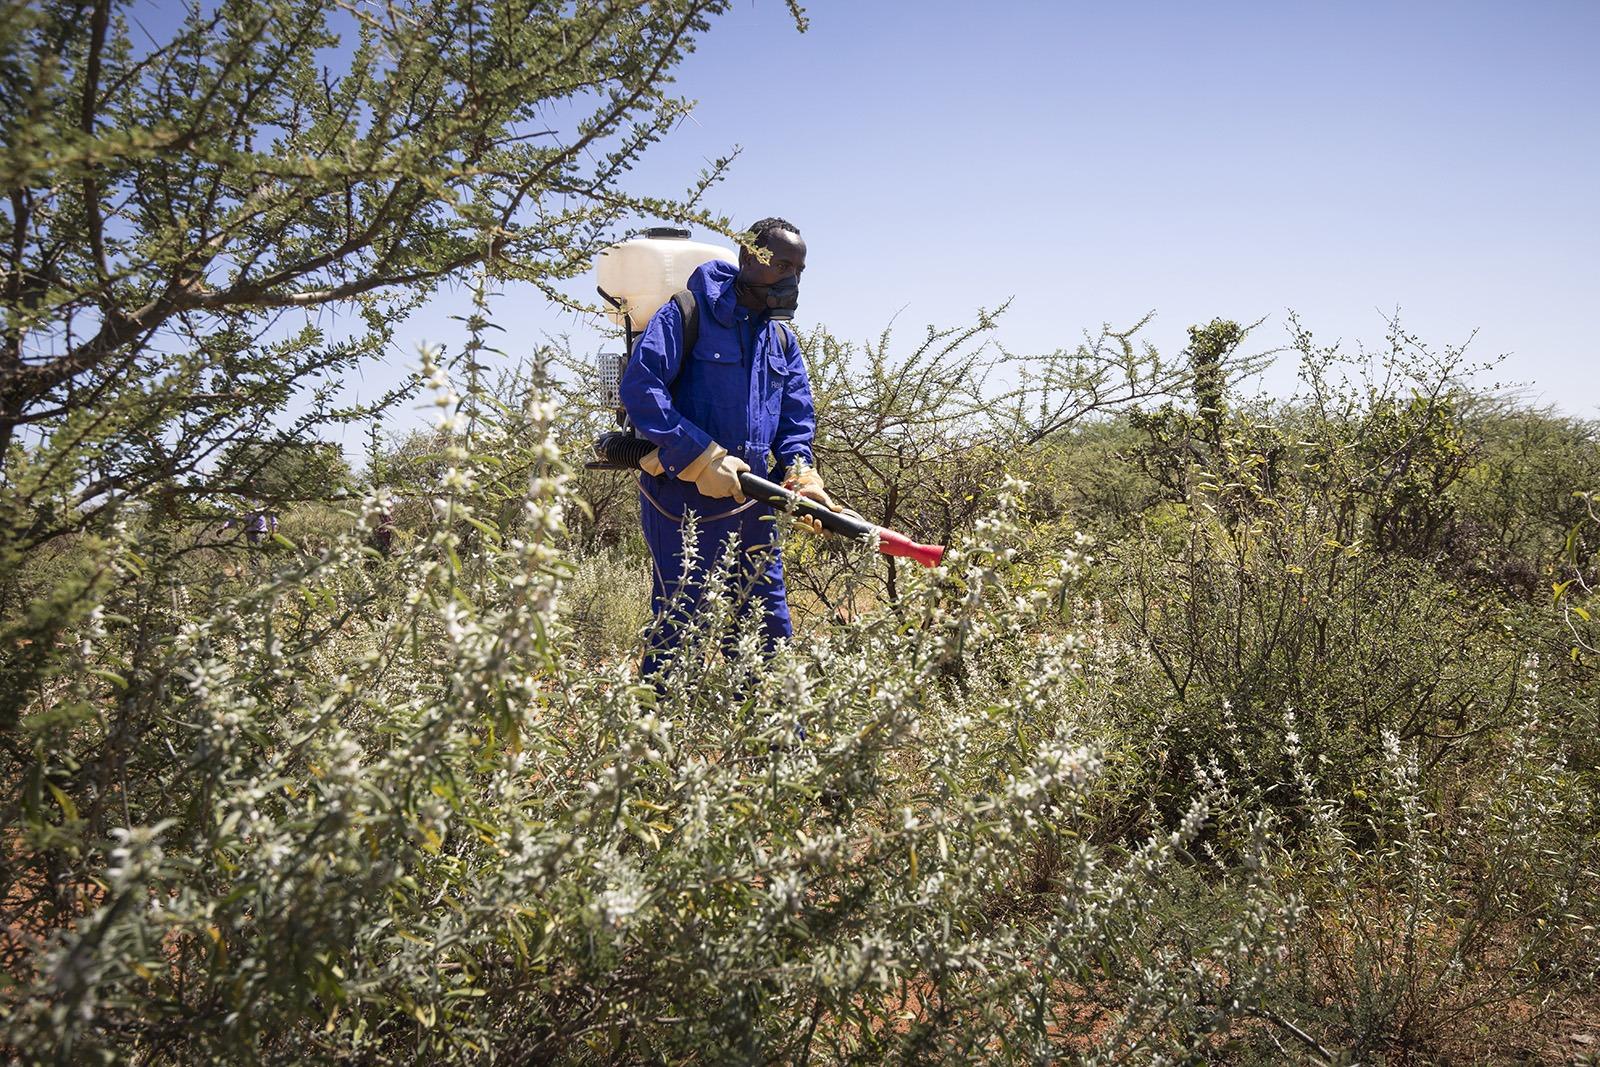 Kämpfen um ihre Lebensgrundlage: Regierungs-mitarbeiter und Kleinbauern bekämpfen die Heuschrecken mit allen Mitteln. (©FAO/Petterik Wiggers)